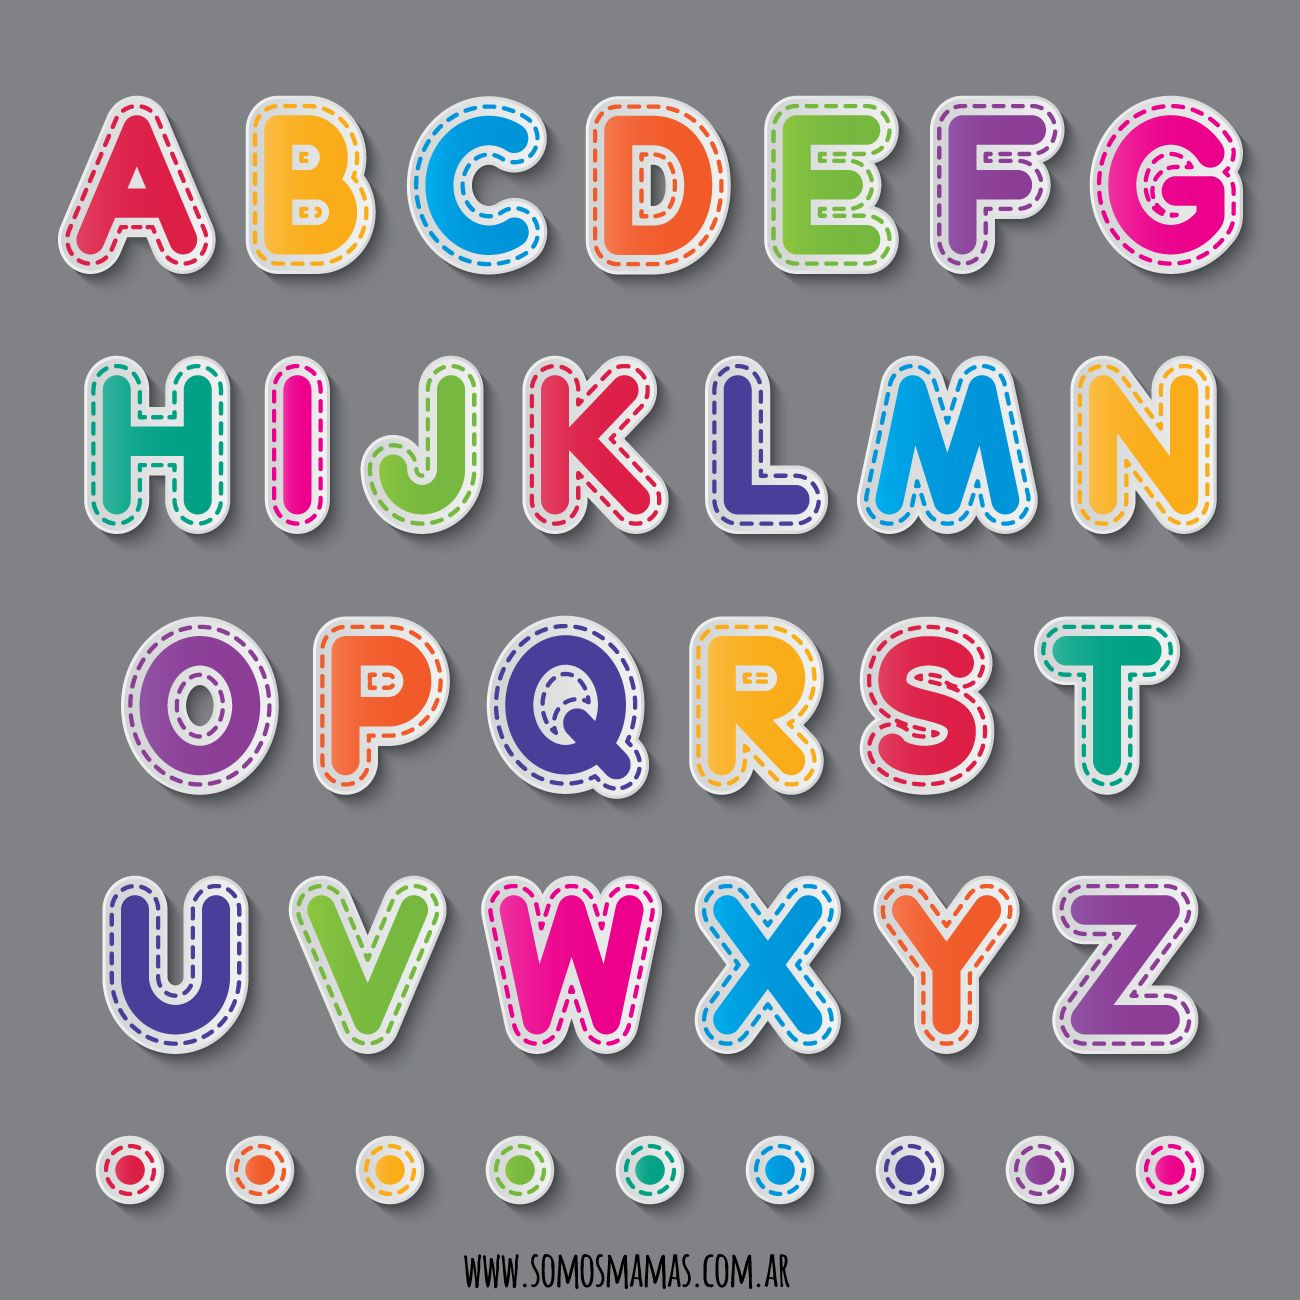 Imagenes De Emojis Para Imprimir Jugar Y Decorar